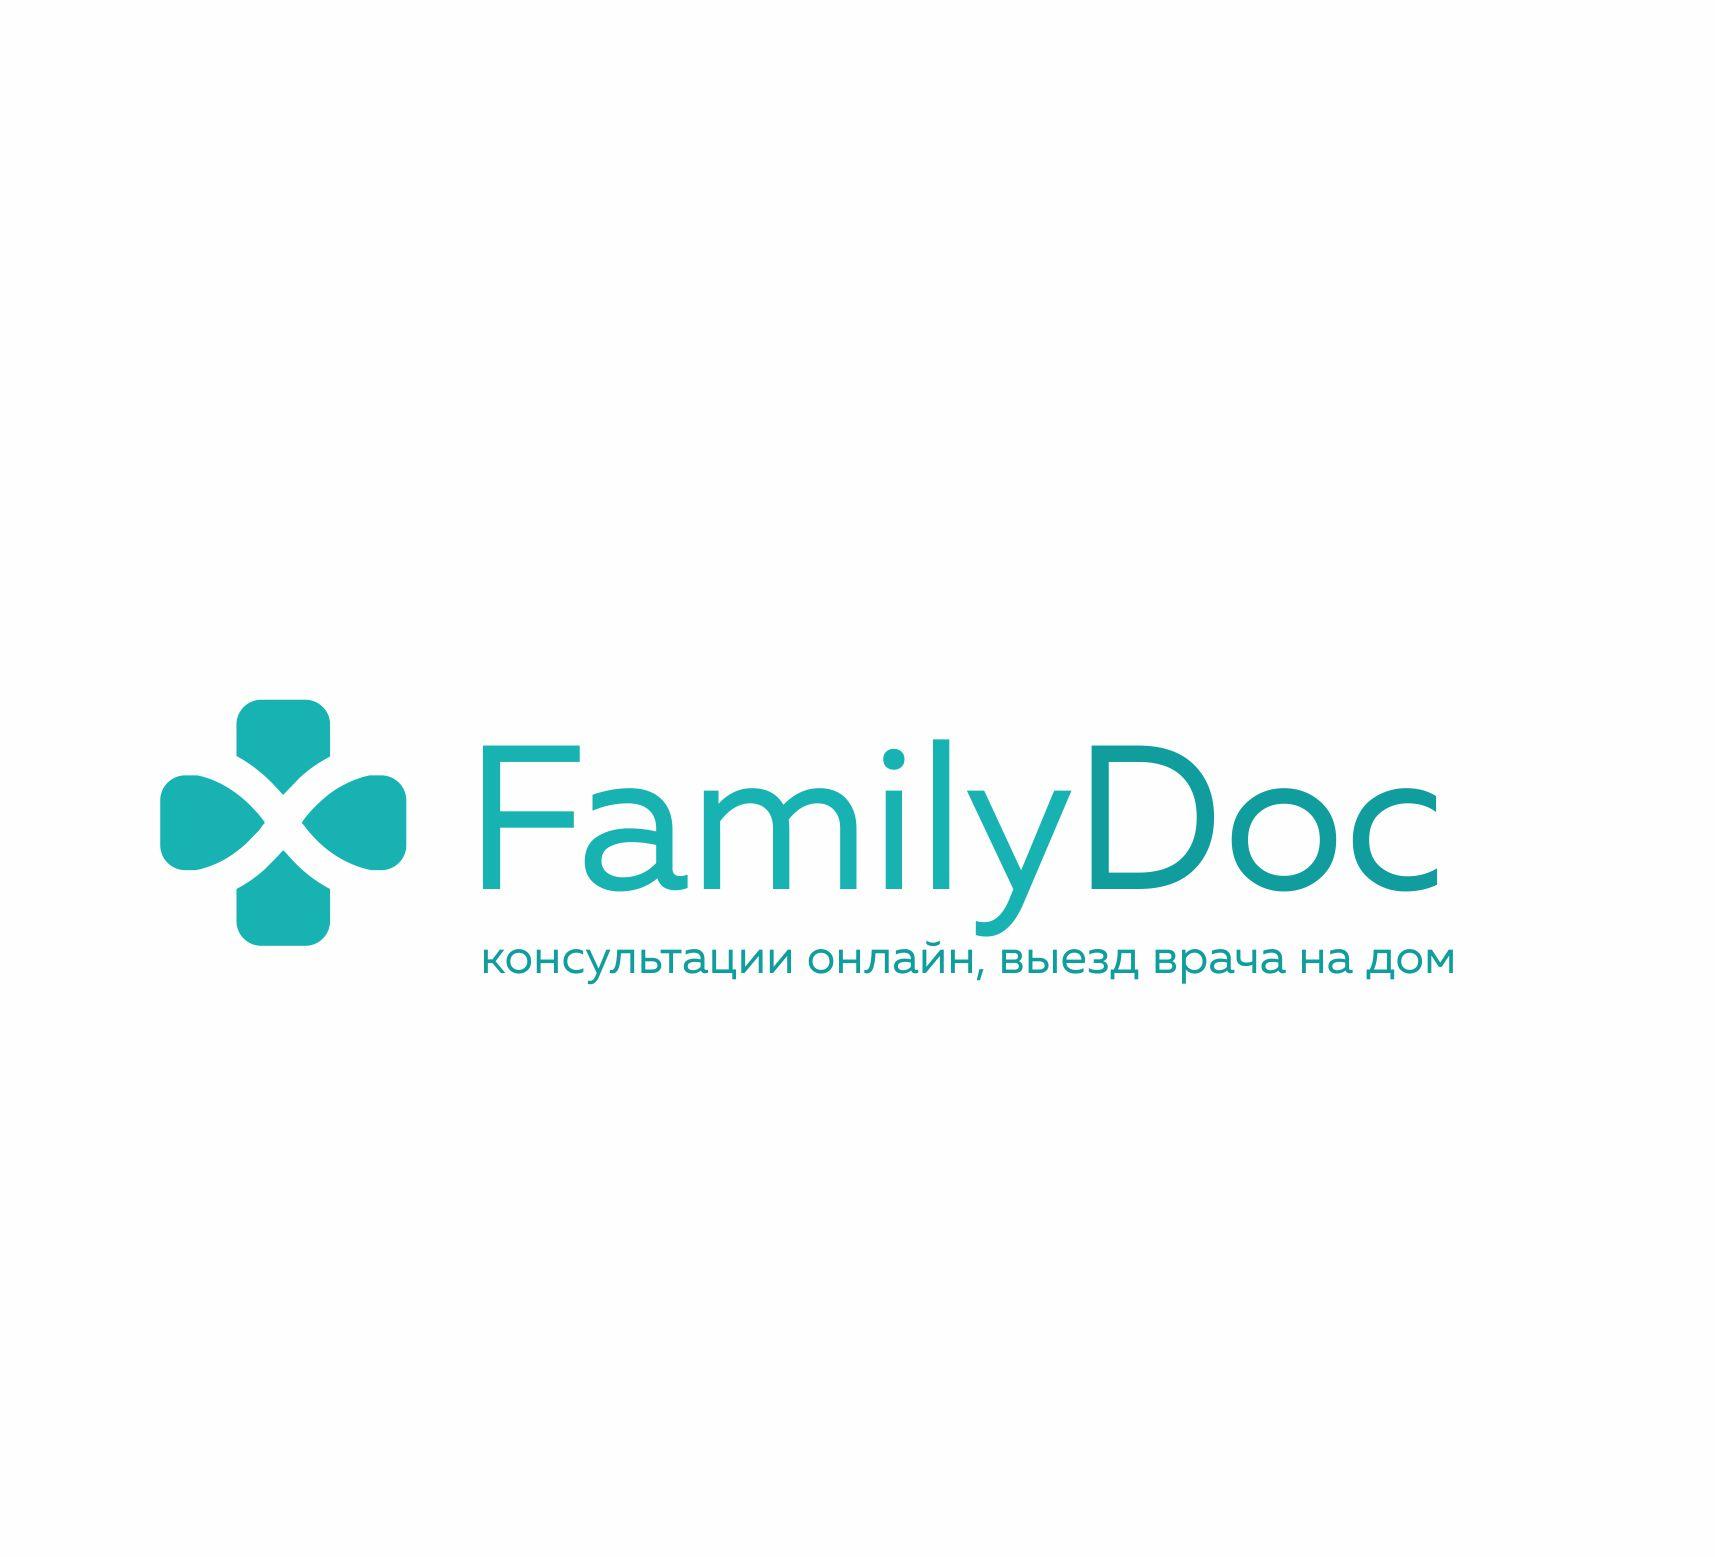 Разработка логотипа для врачебного онлайн сервиса FamilyDoc фото f_2205c348a56504c1.jpg